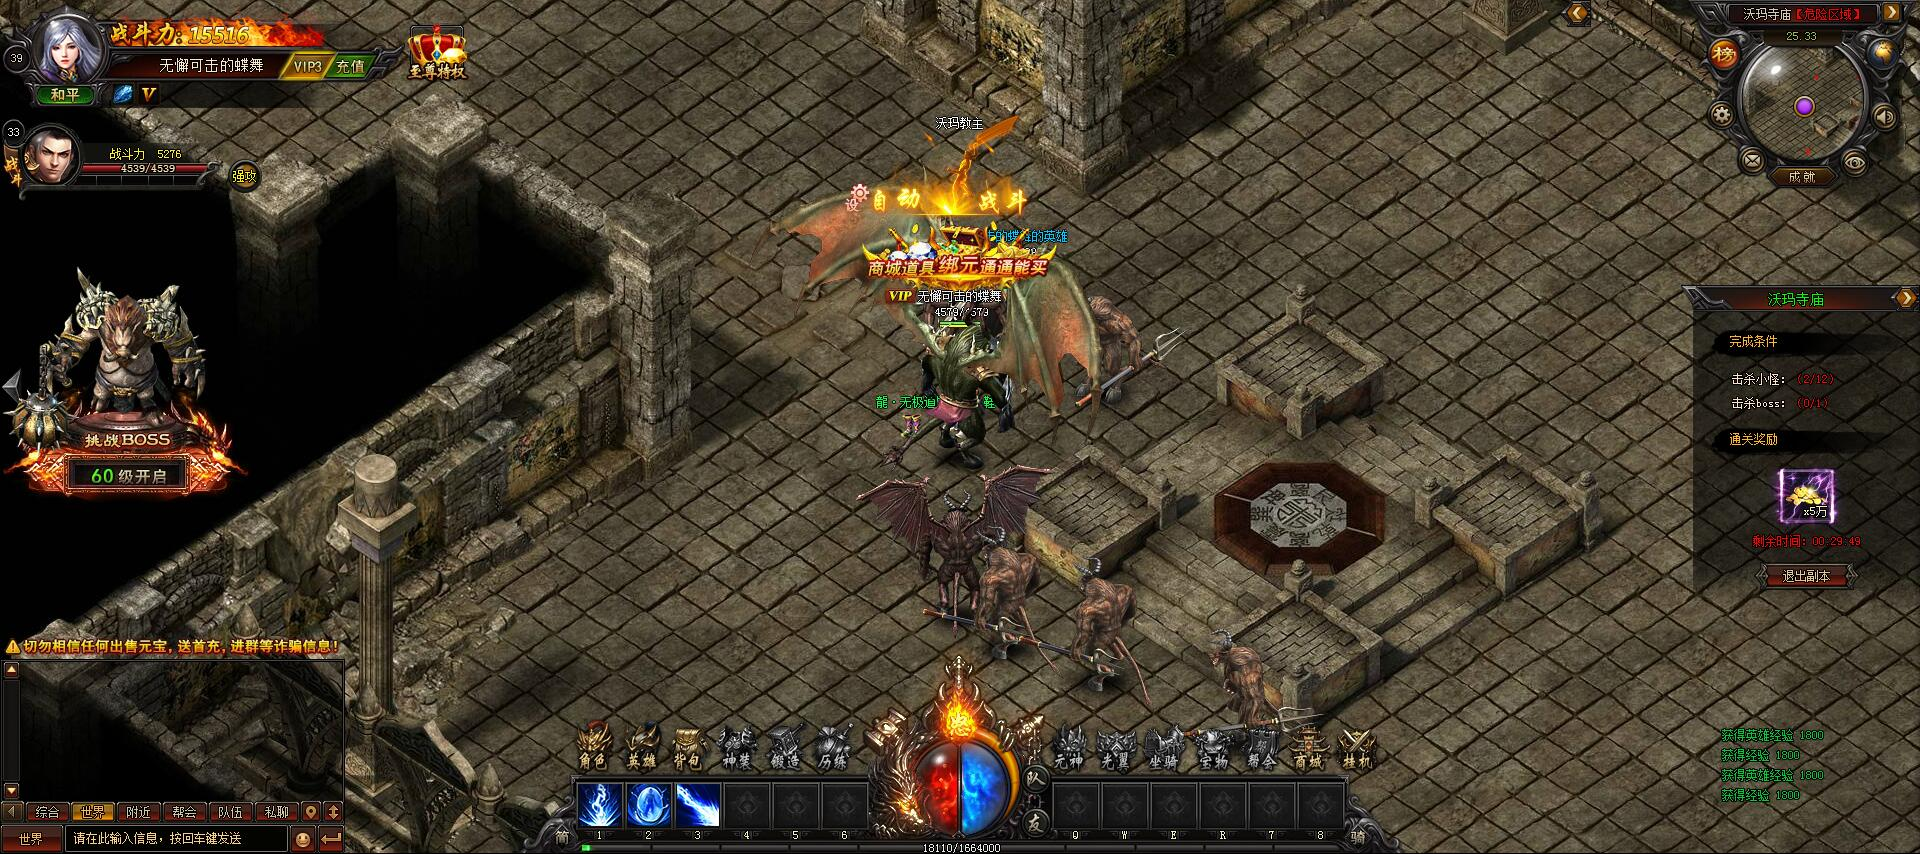 《天魔屠龙》游戏截图